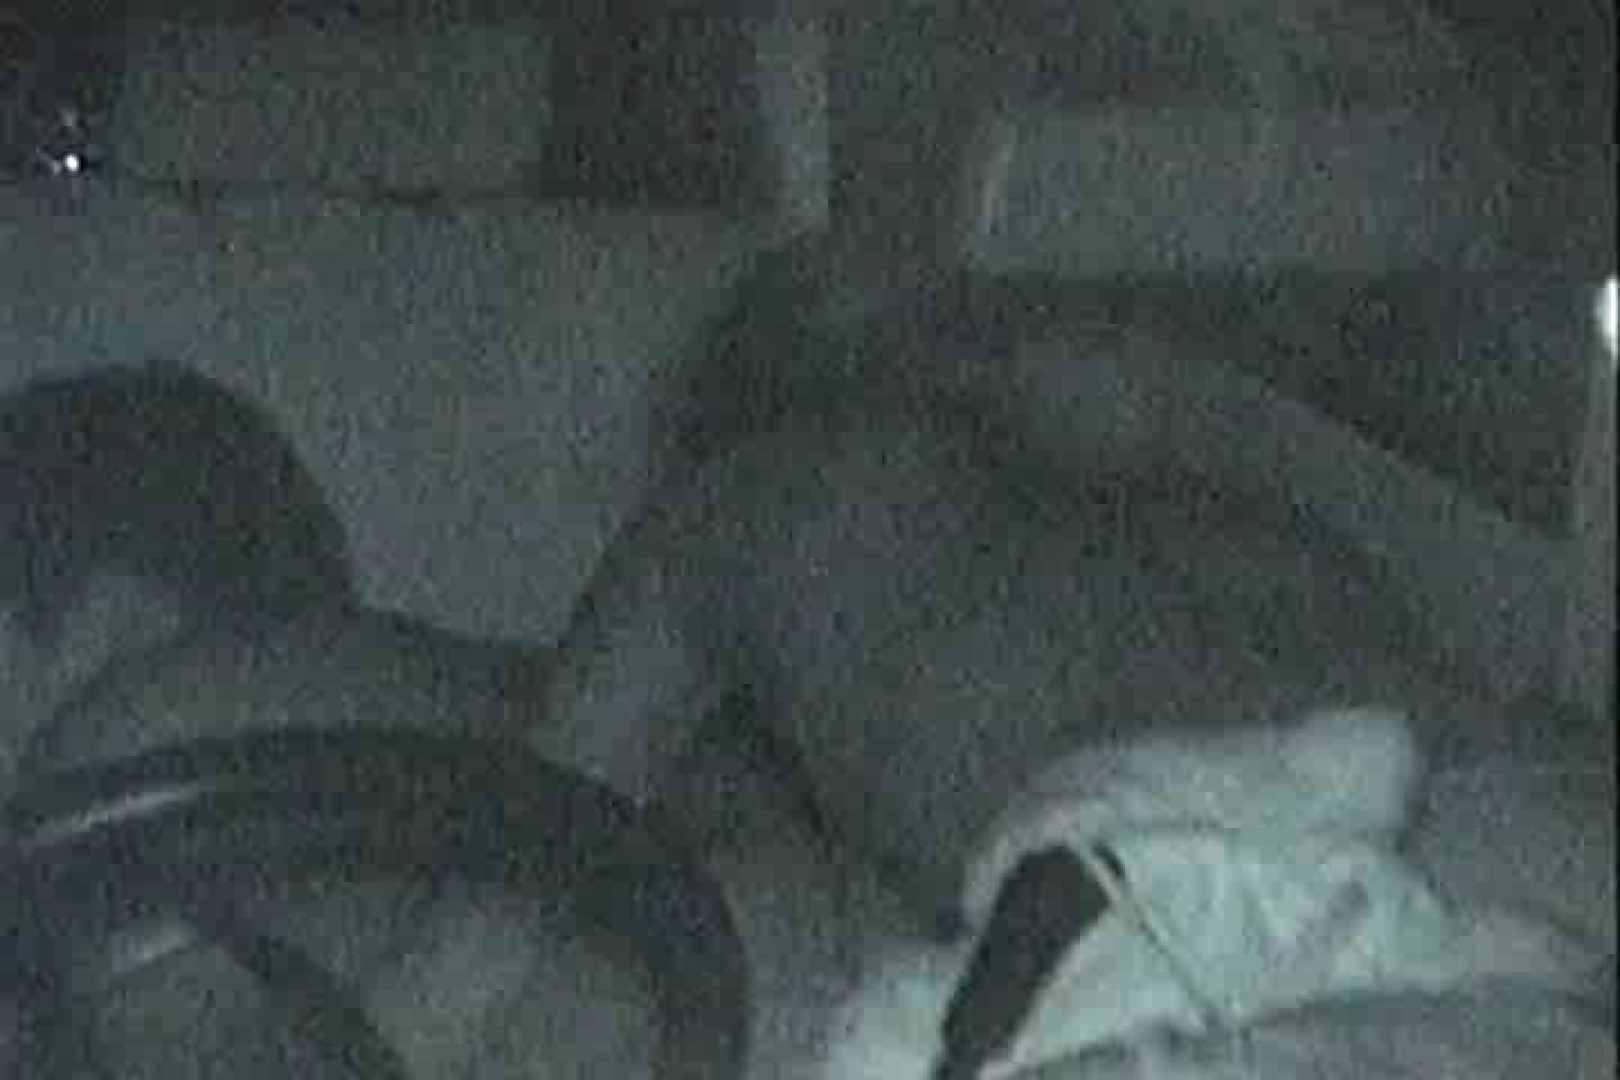 充血監督の深夜の運動会Vol.18 OLヌード天国 | フェラ  55PIX 11